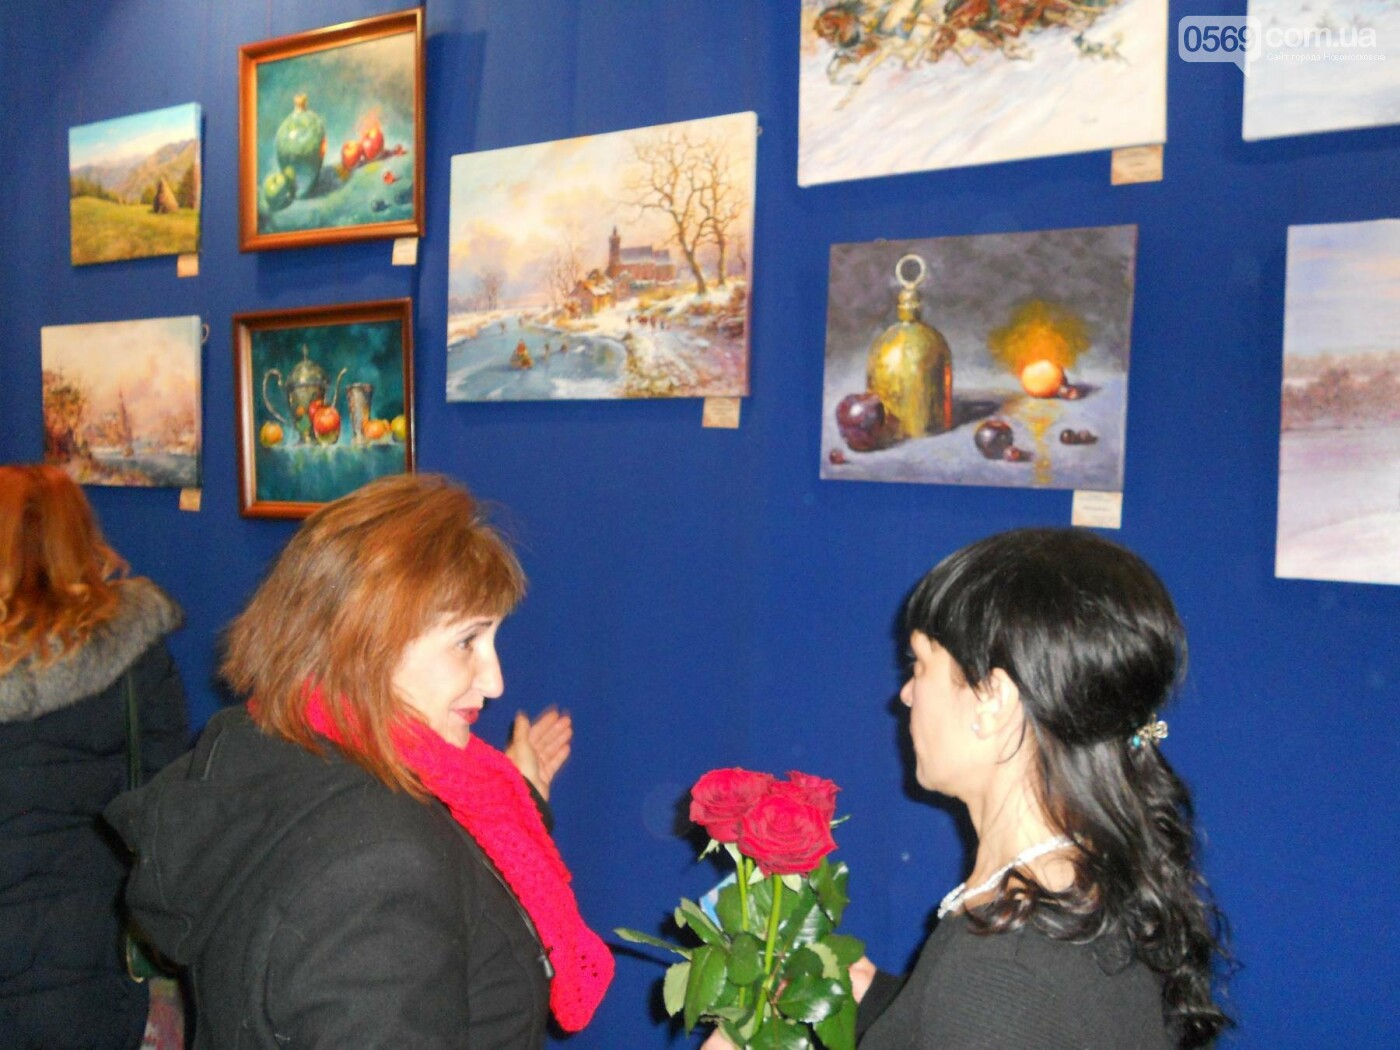 В Новомосковске открылась выставка молодых художников, фото-16